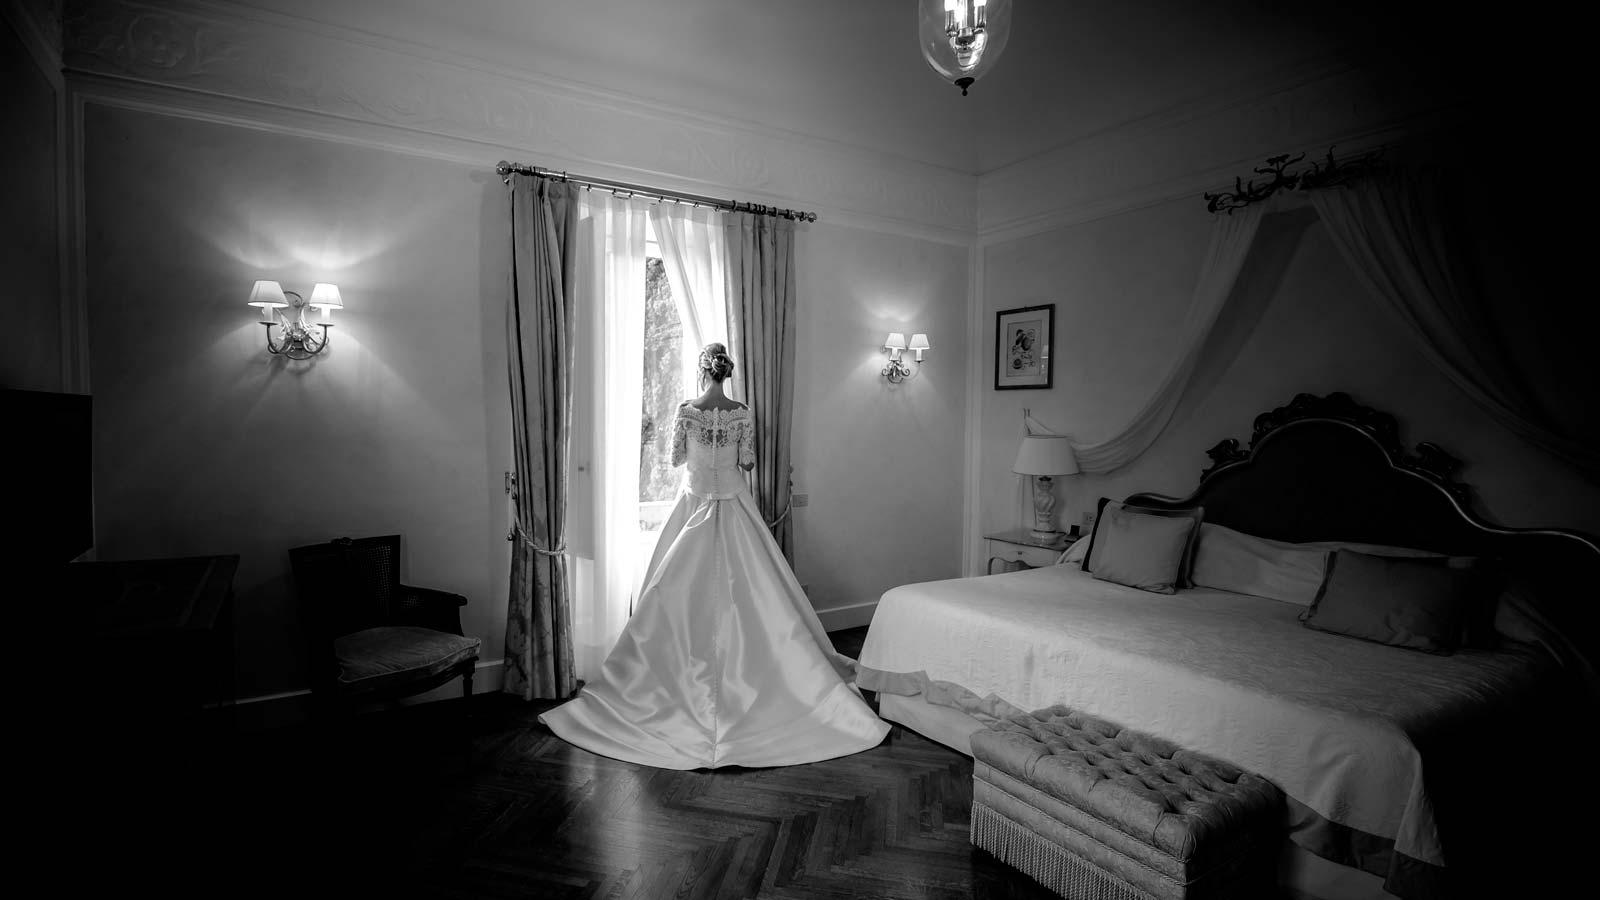 fotografo-matrimonio-taormina-sicilia-luxury-wedding-reportage-di-matrimonio-fotografo-messina-03